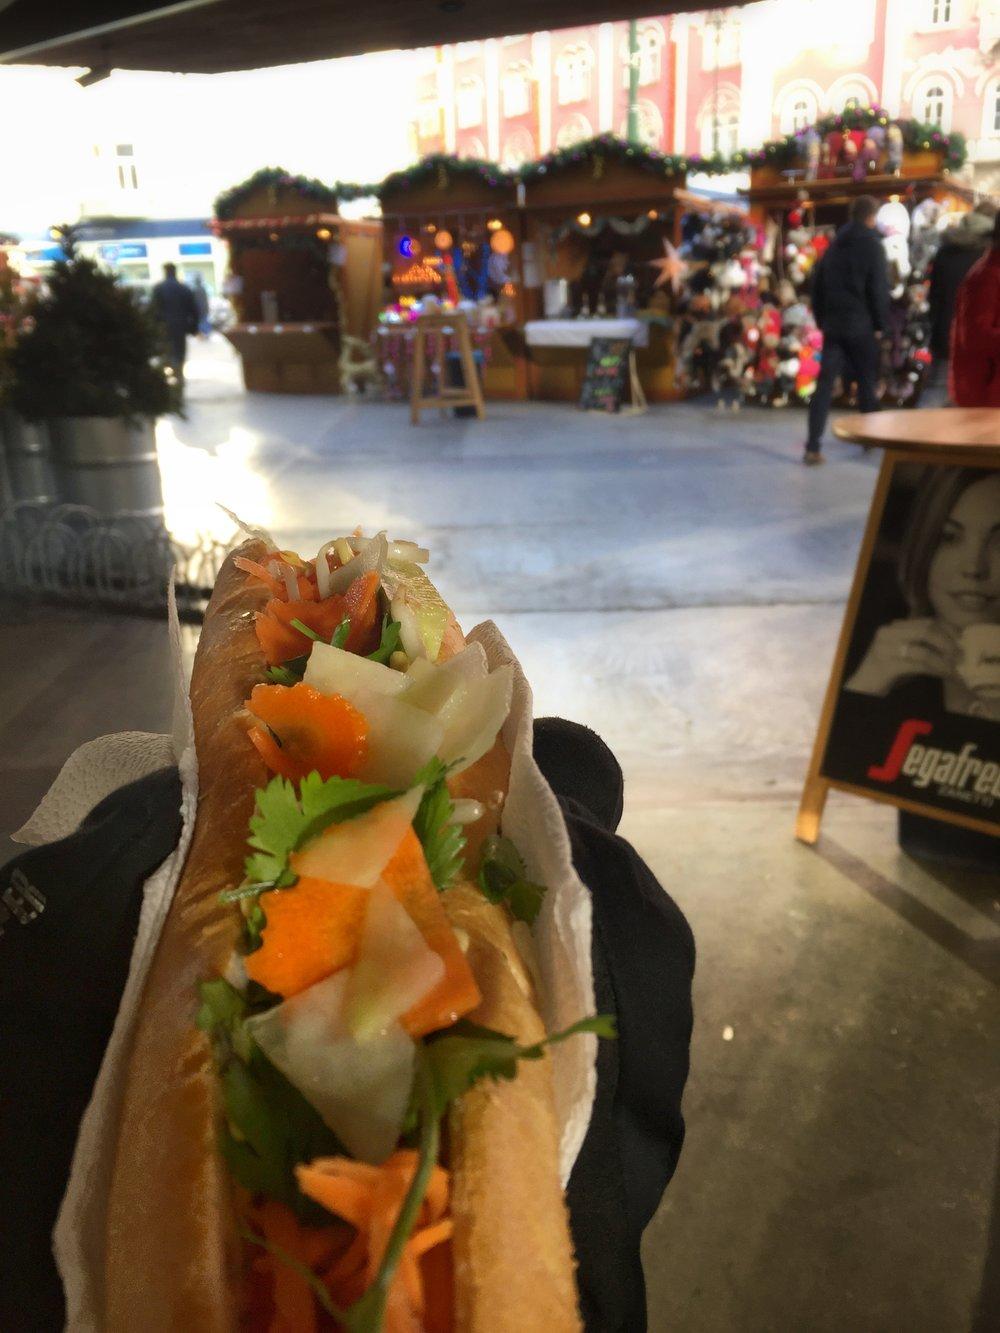 veggie bánh mì at Christmas market